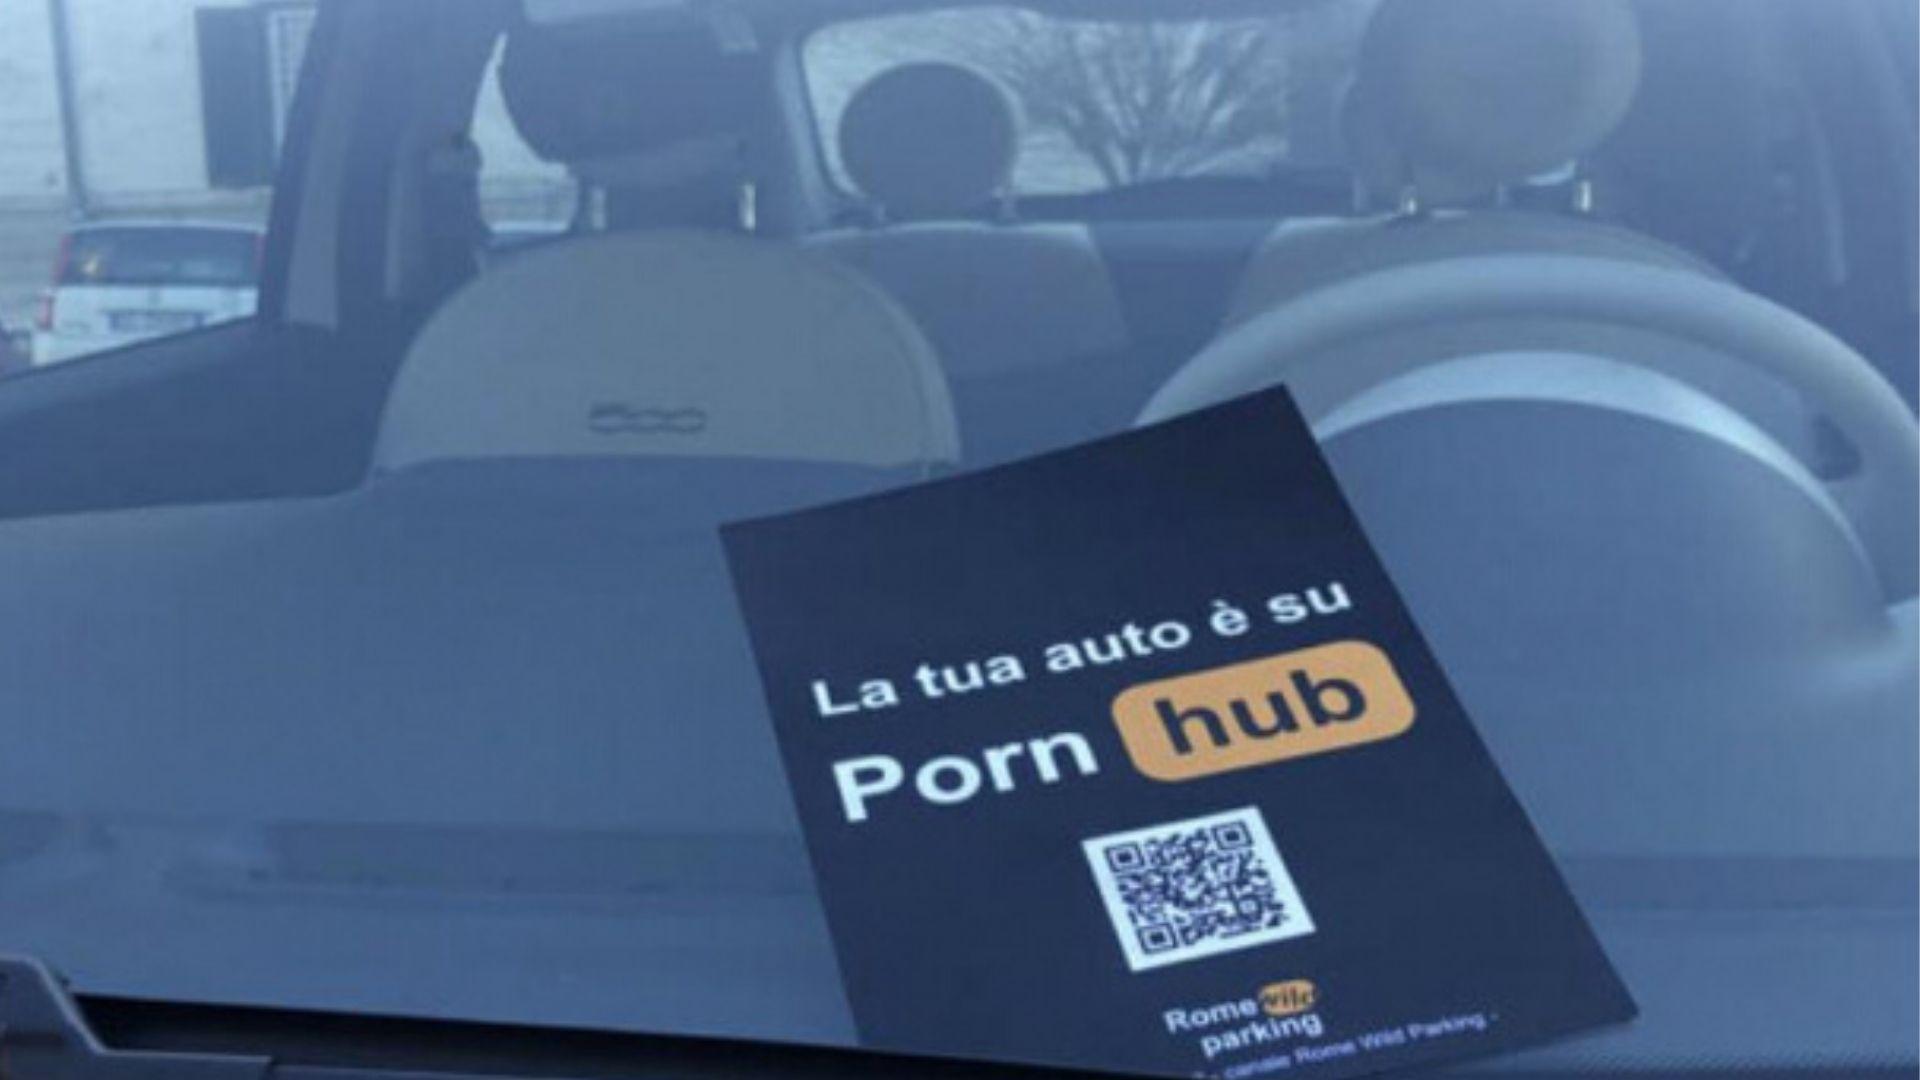 Auto Pornhub Roma Parcheggio